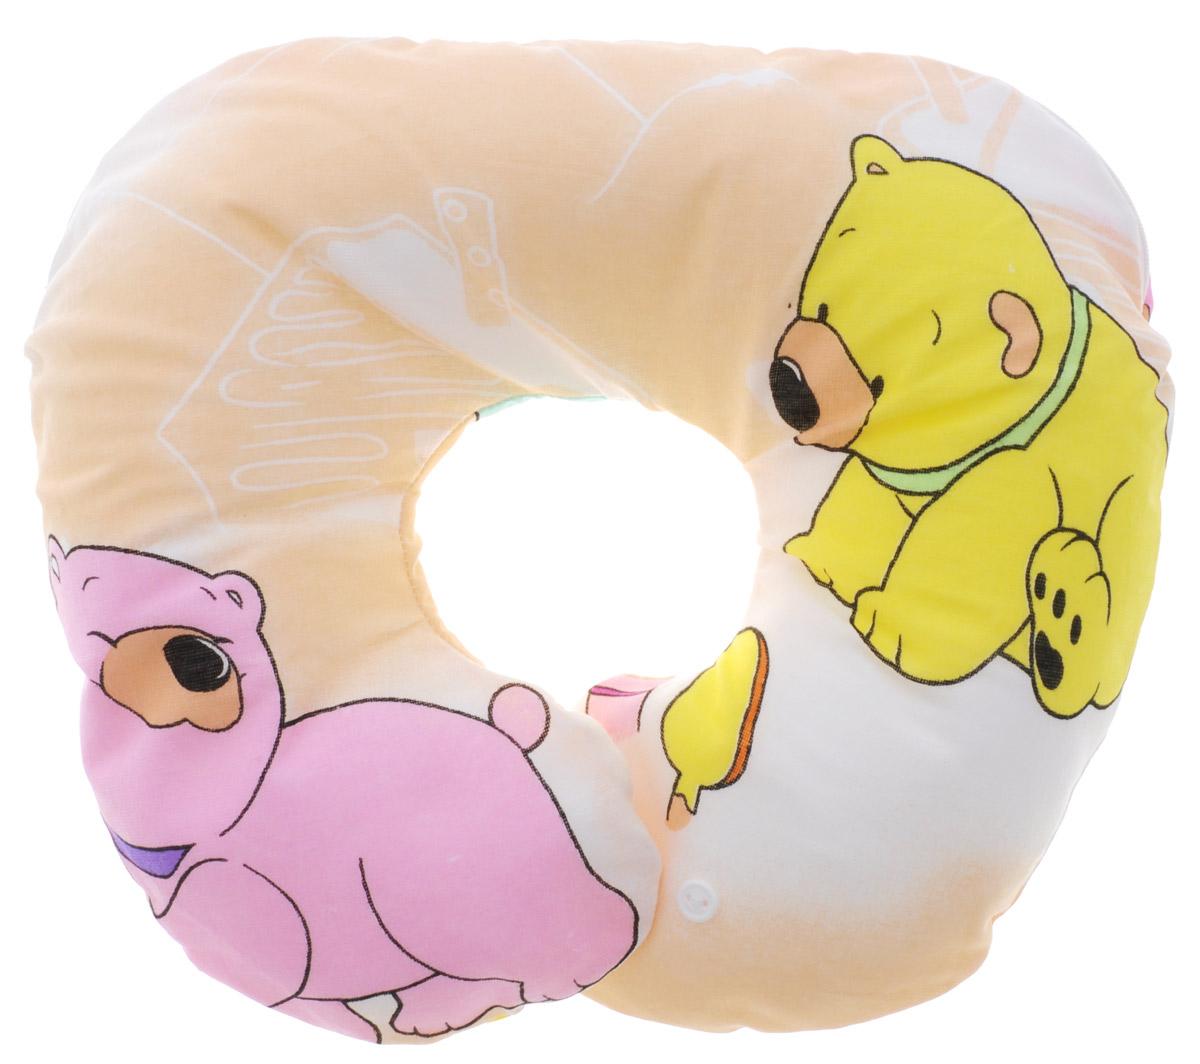 Selby Подушка-воротник для младенца цвет бежевый 35 см х 30 см5582_бежевый, медвежата большиеДетская подушка-воротник Selby изготовлена из мягкого натурального хлопка с наполнителем из пенополистирола. Подушка удобна и комфортна. Она поддерживает головку ребенка во время сна, отдыха или купания. Благодаря такой подушке, при купании руки у мамы свободны, поэтому можно без труда помыть ребенка пока он плавает. Подушка фиксируется вокруг шеи. Изделие также идеально подходит для длительных поездок в самолете, машине, коляске или автокресле.